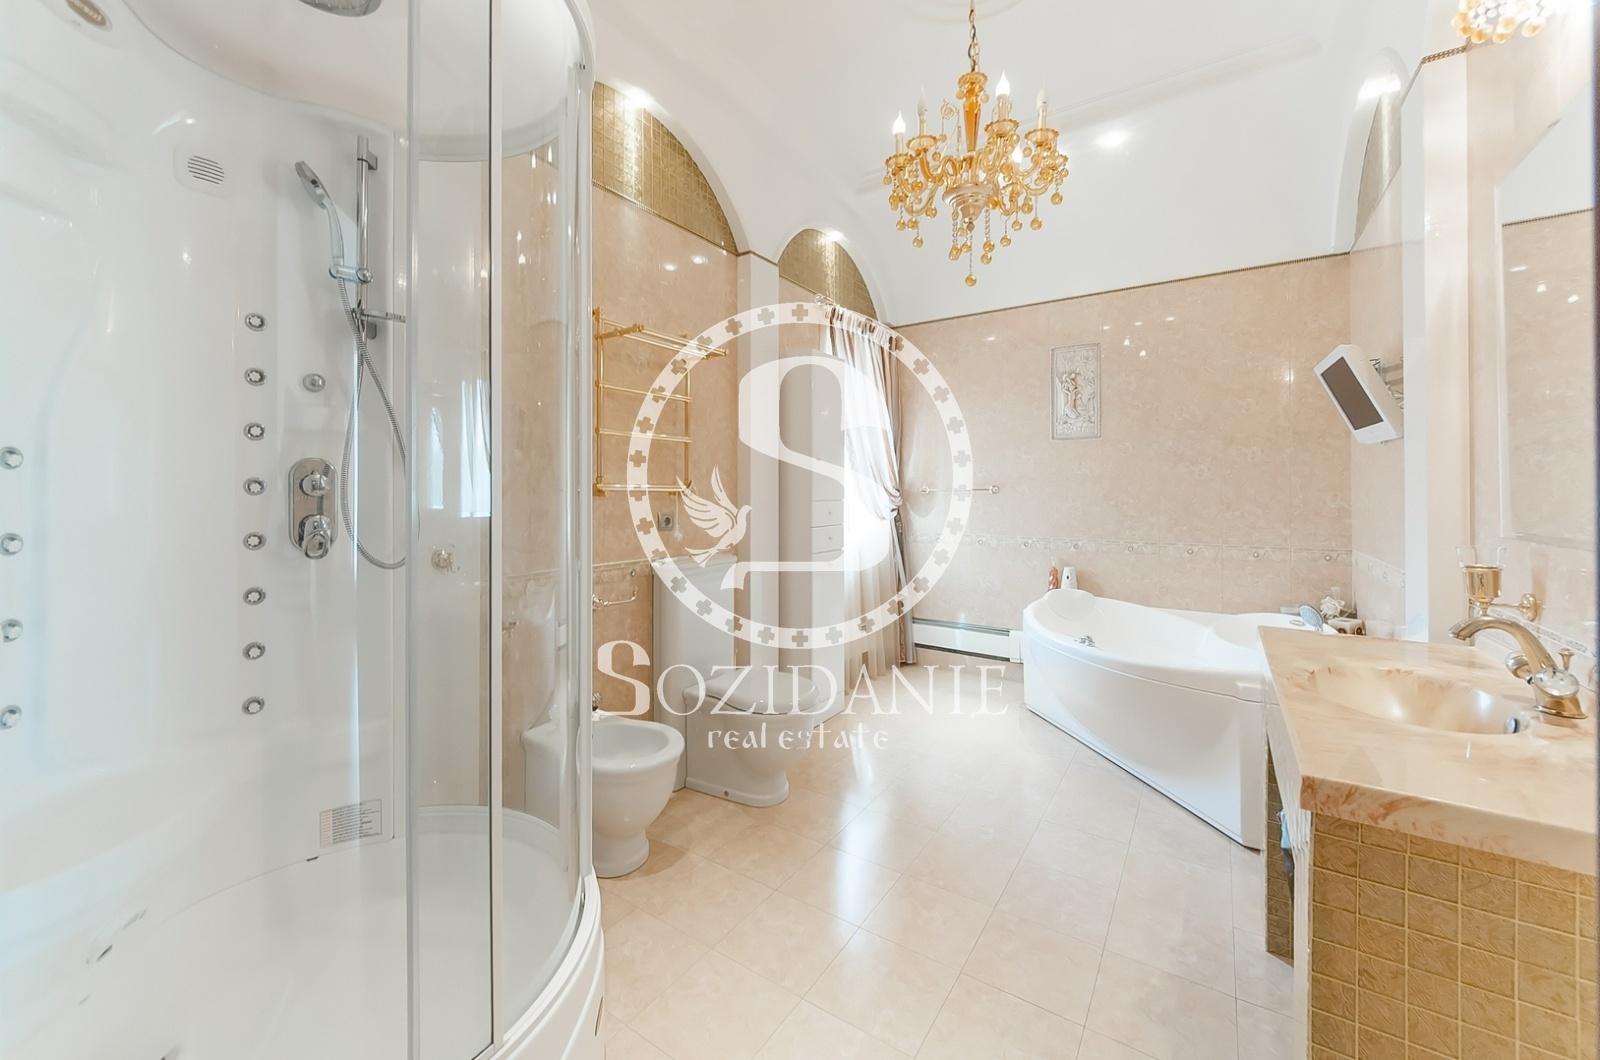 3 Bedrooms, Загородная, Аренда, Listing ID 3490, Московская область, Россия,